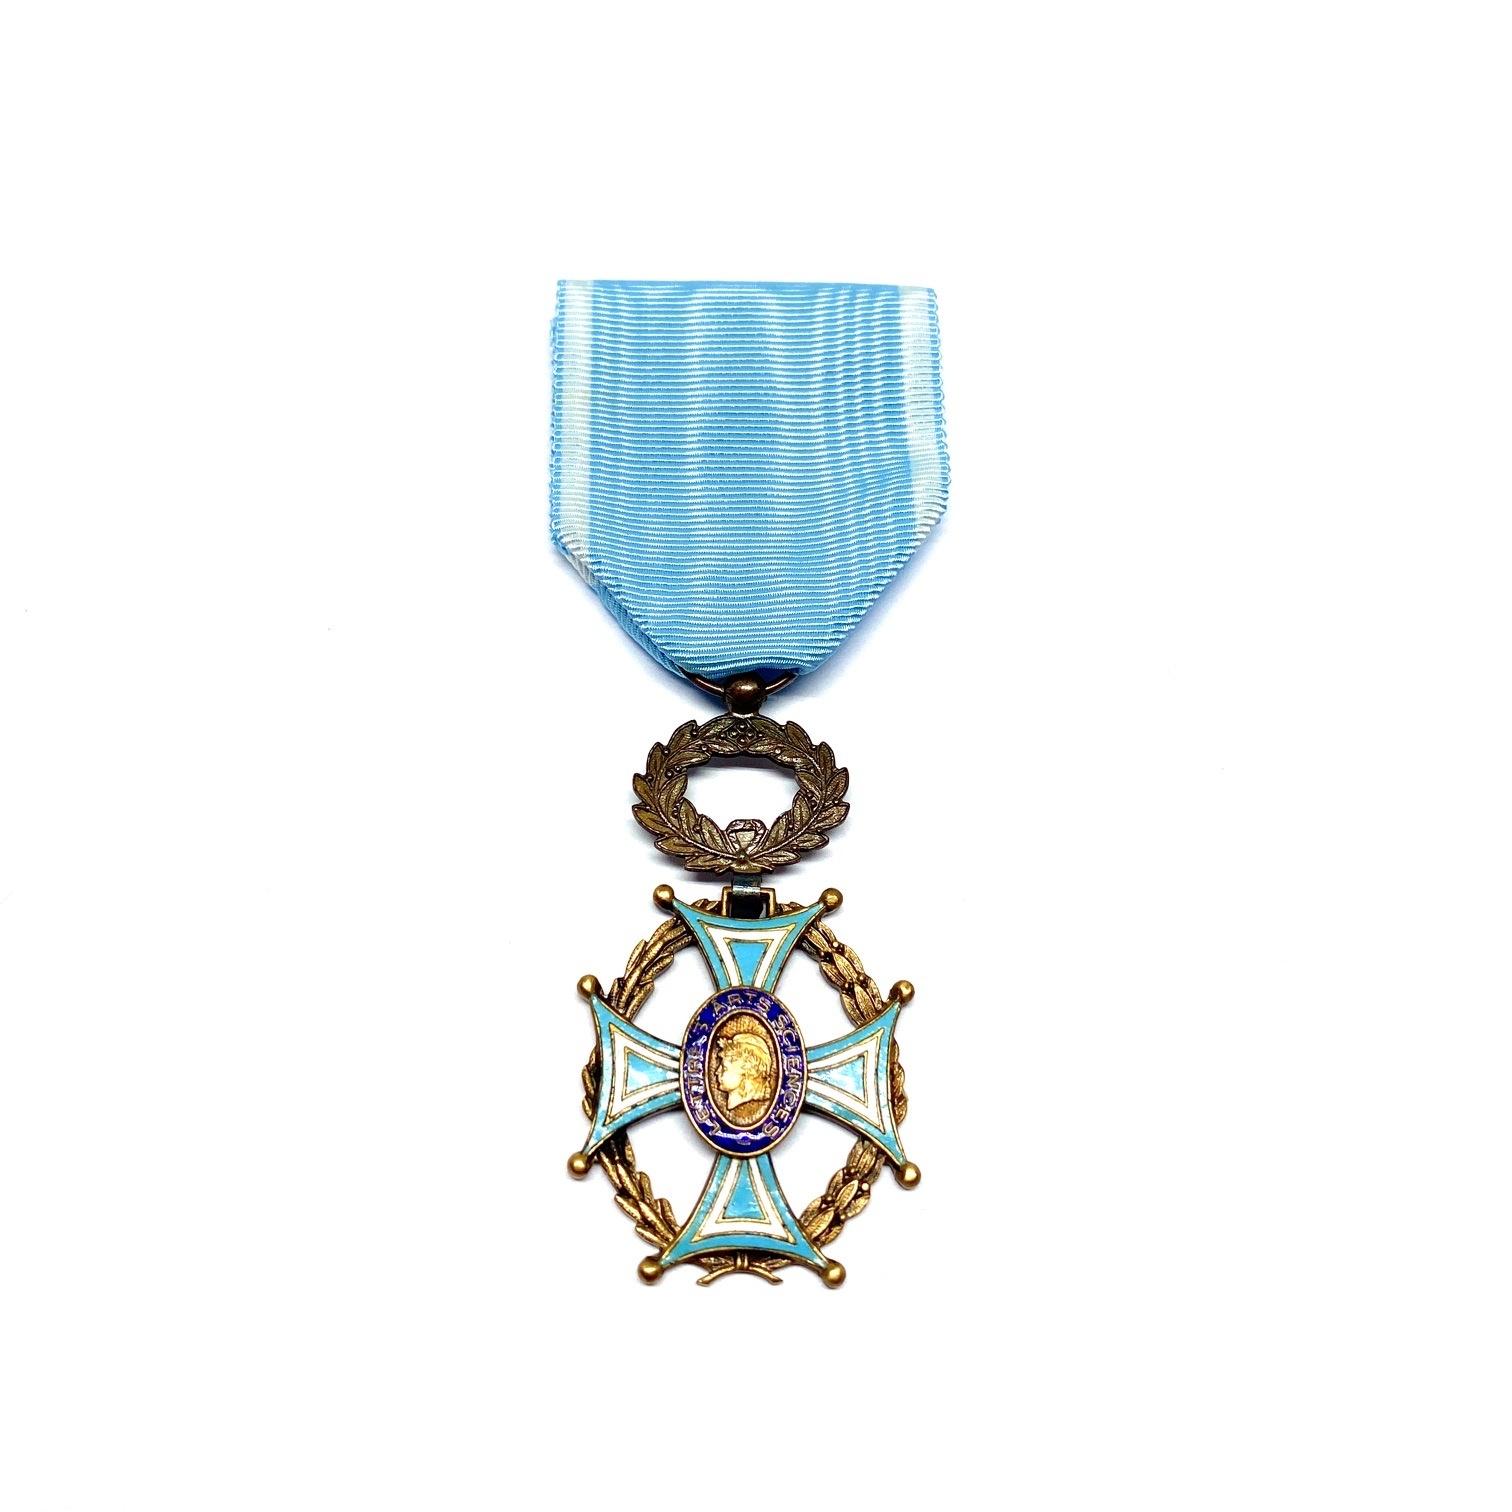 Décoration Chevalier Société Académique Arts - Sciences - Lettres